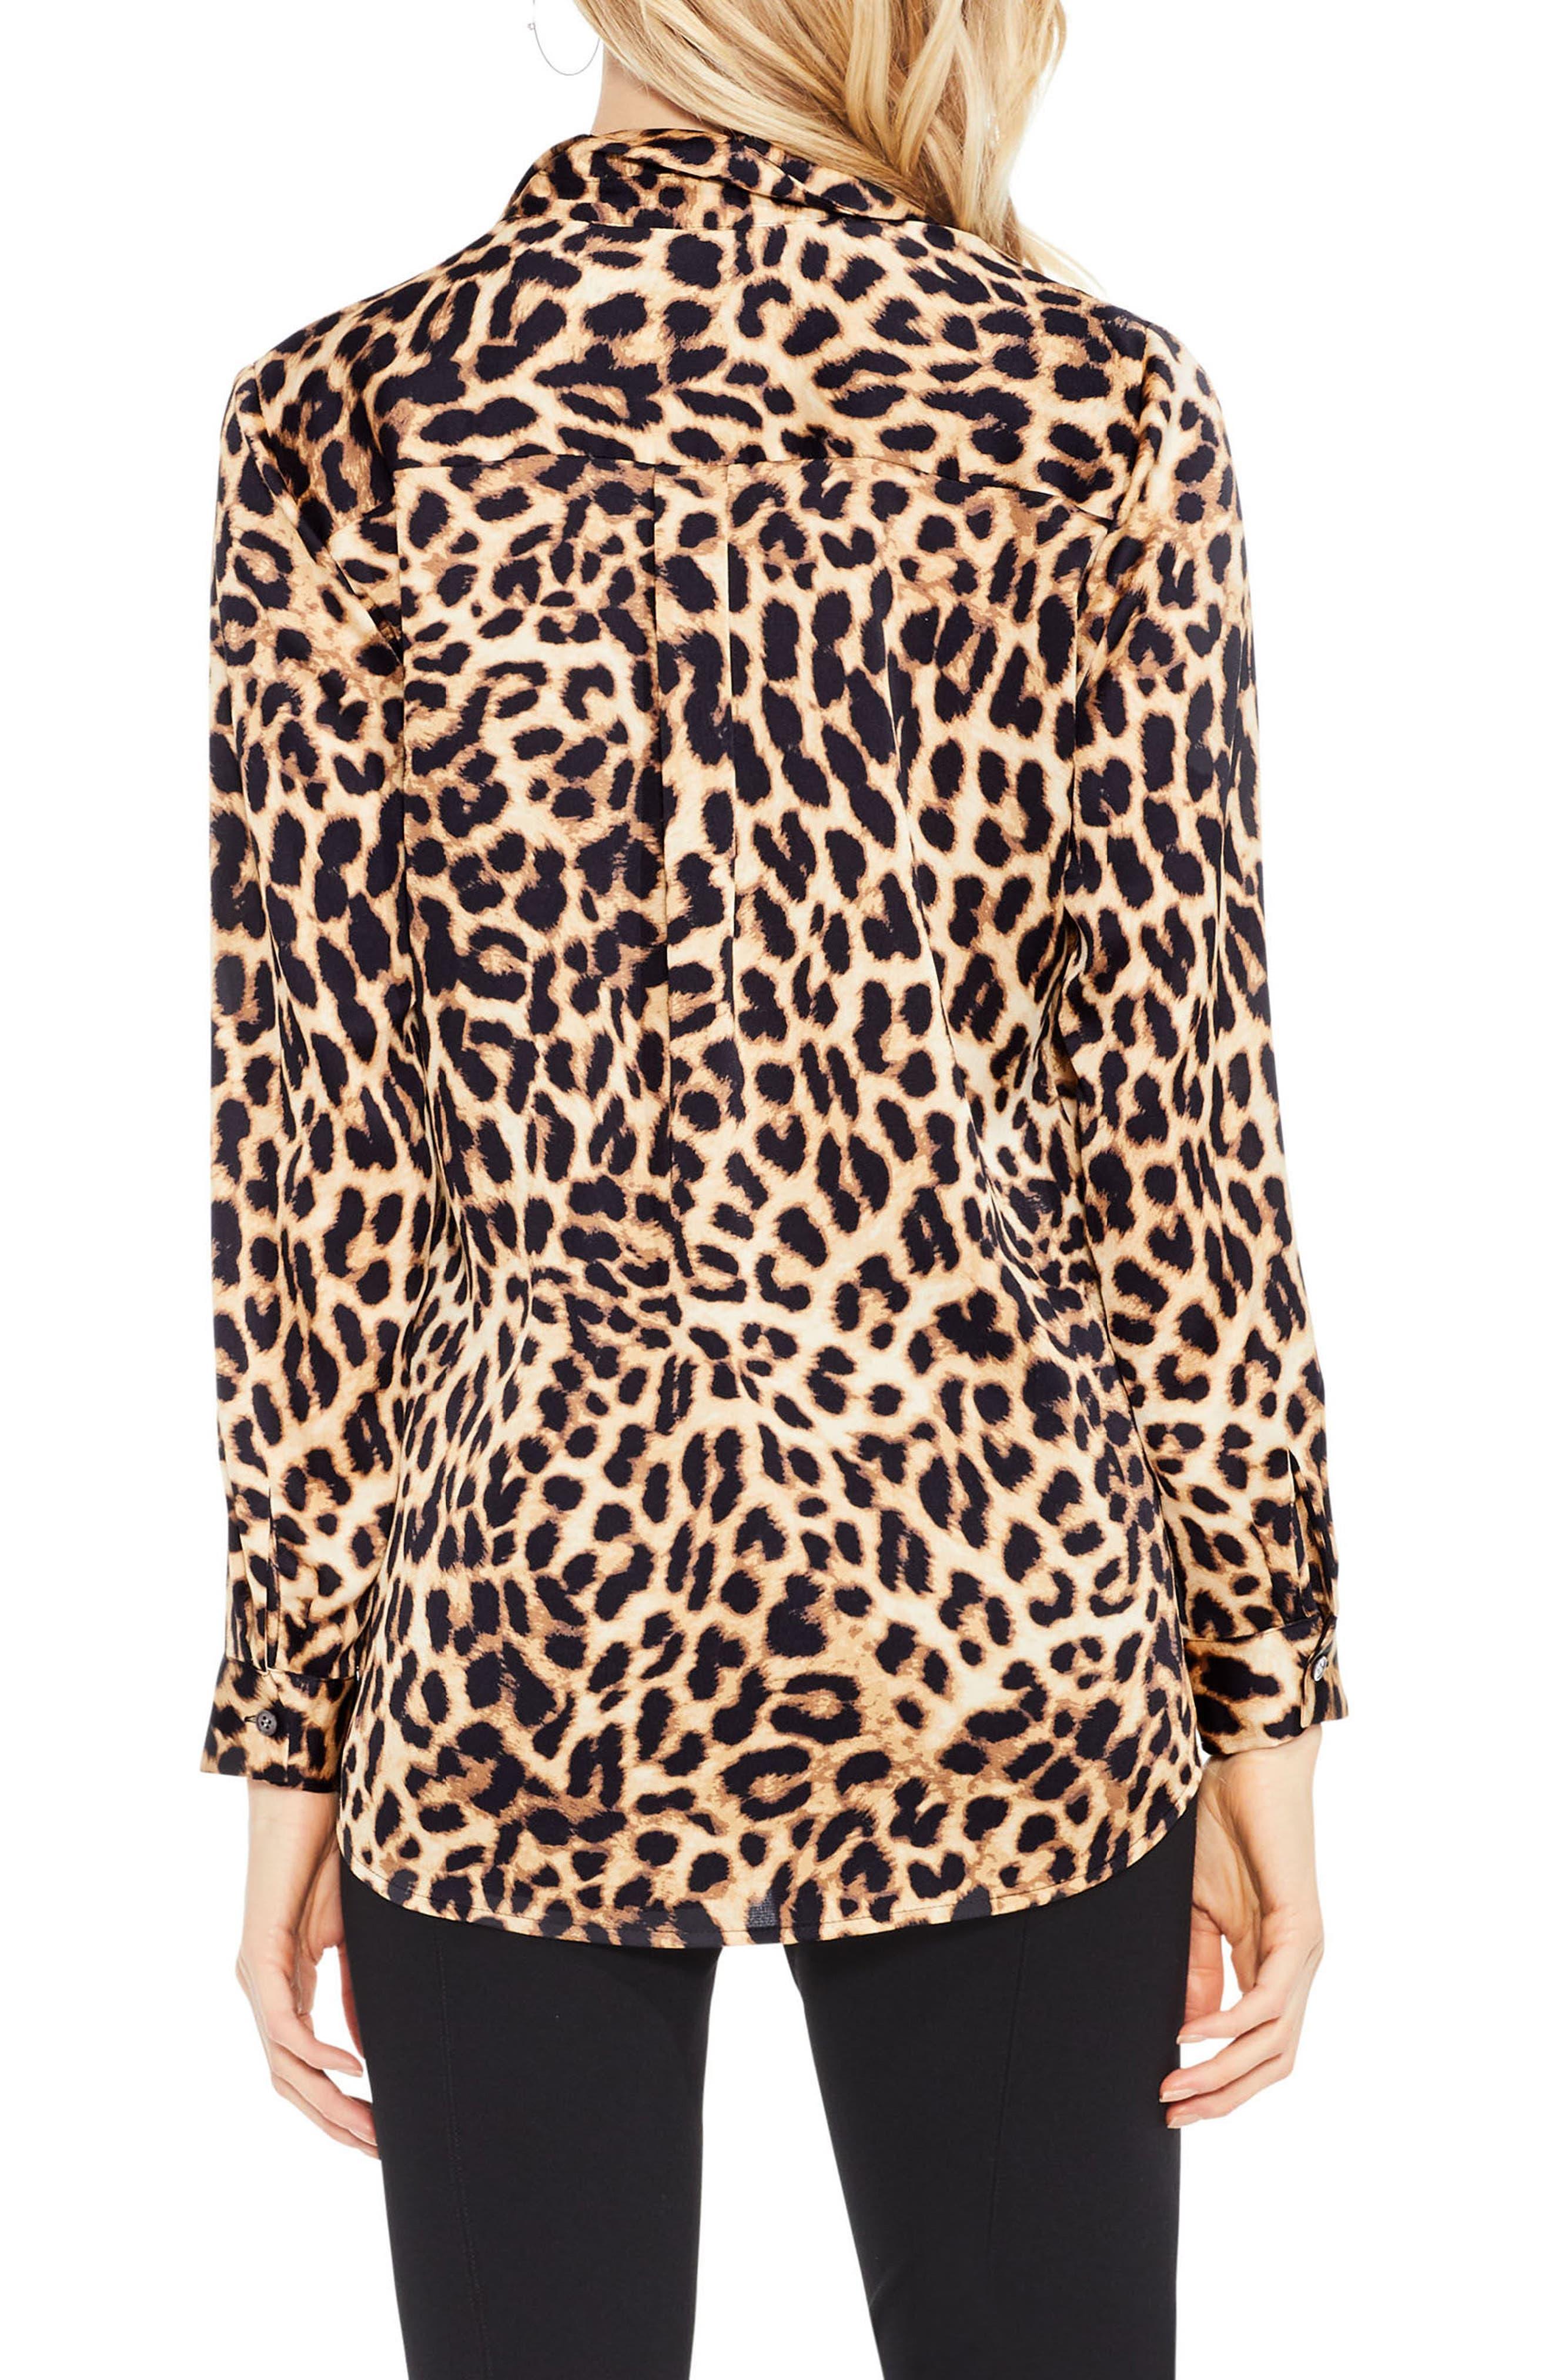 Leopard Print Blouse,                             Alternate thumbnail 2, color,                             Rich Black